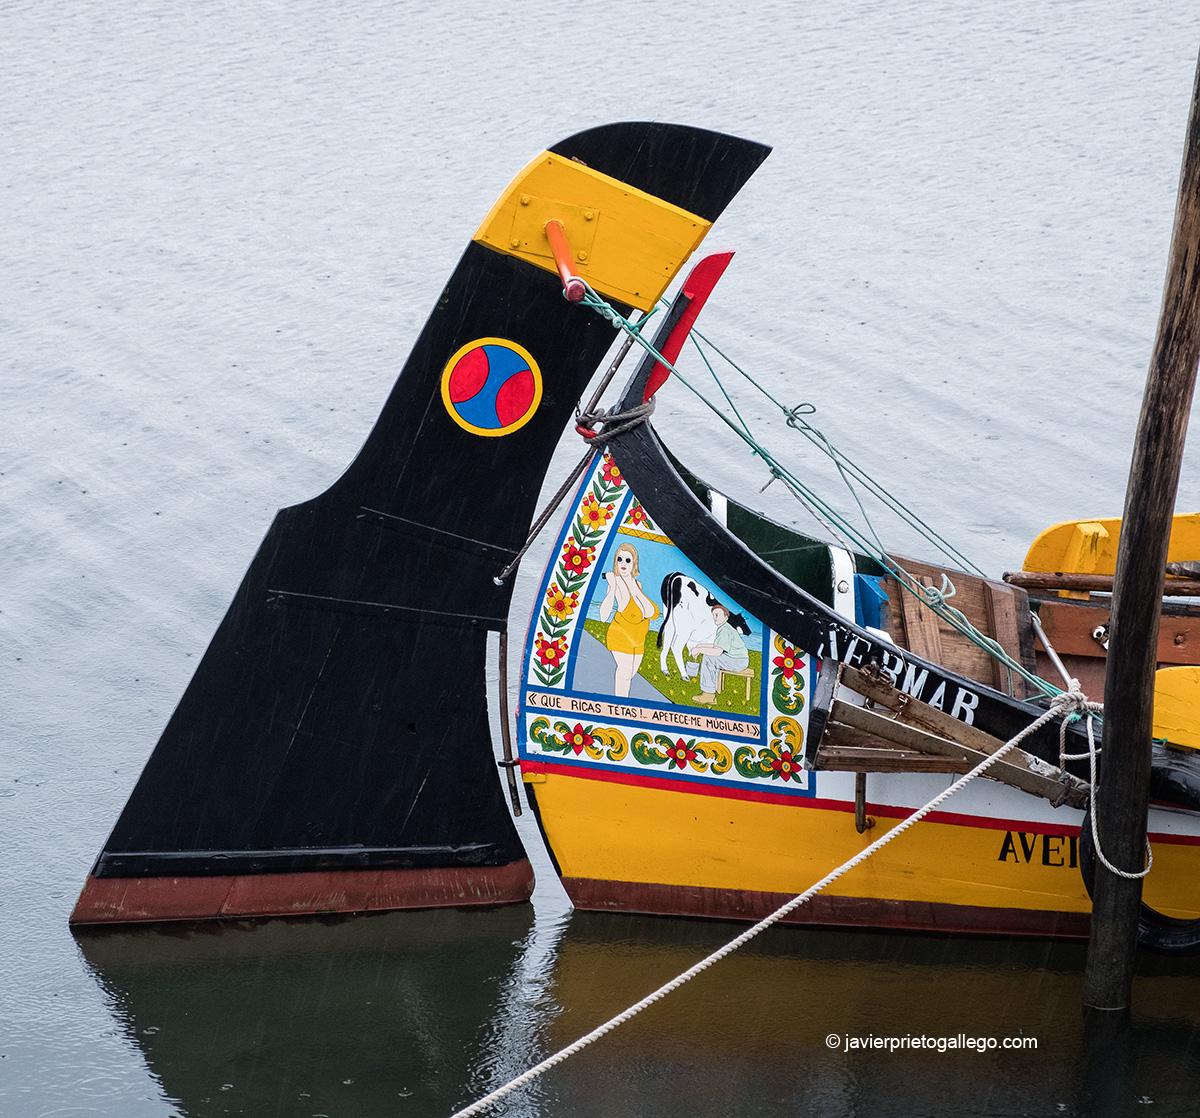 Embarcaciones tradicionales moliceiras en el puerto de Cais do Bico. Es típico que decoren sus popas y proas con escenas de la vida cotidiana, sarcásticas o eróticas de llamativos colores. Murtosa, Portugal © Javier Prieto Gallego